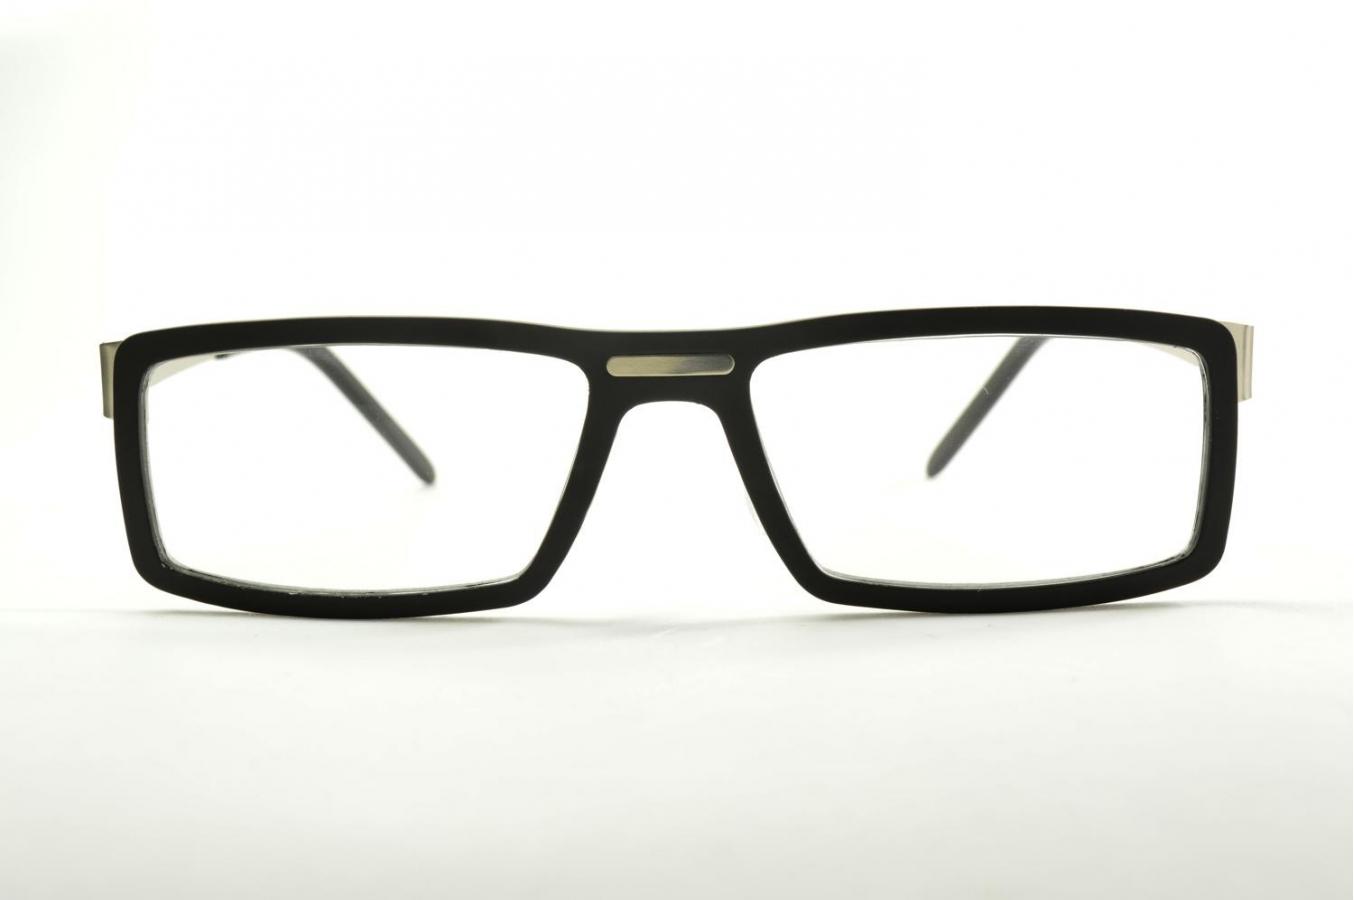 lunettes rectangulaires homme. Black Bedroom Furniture Sets. Home Design Ideas